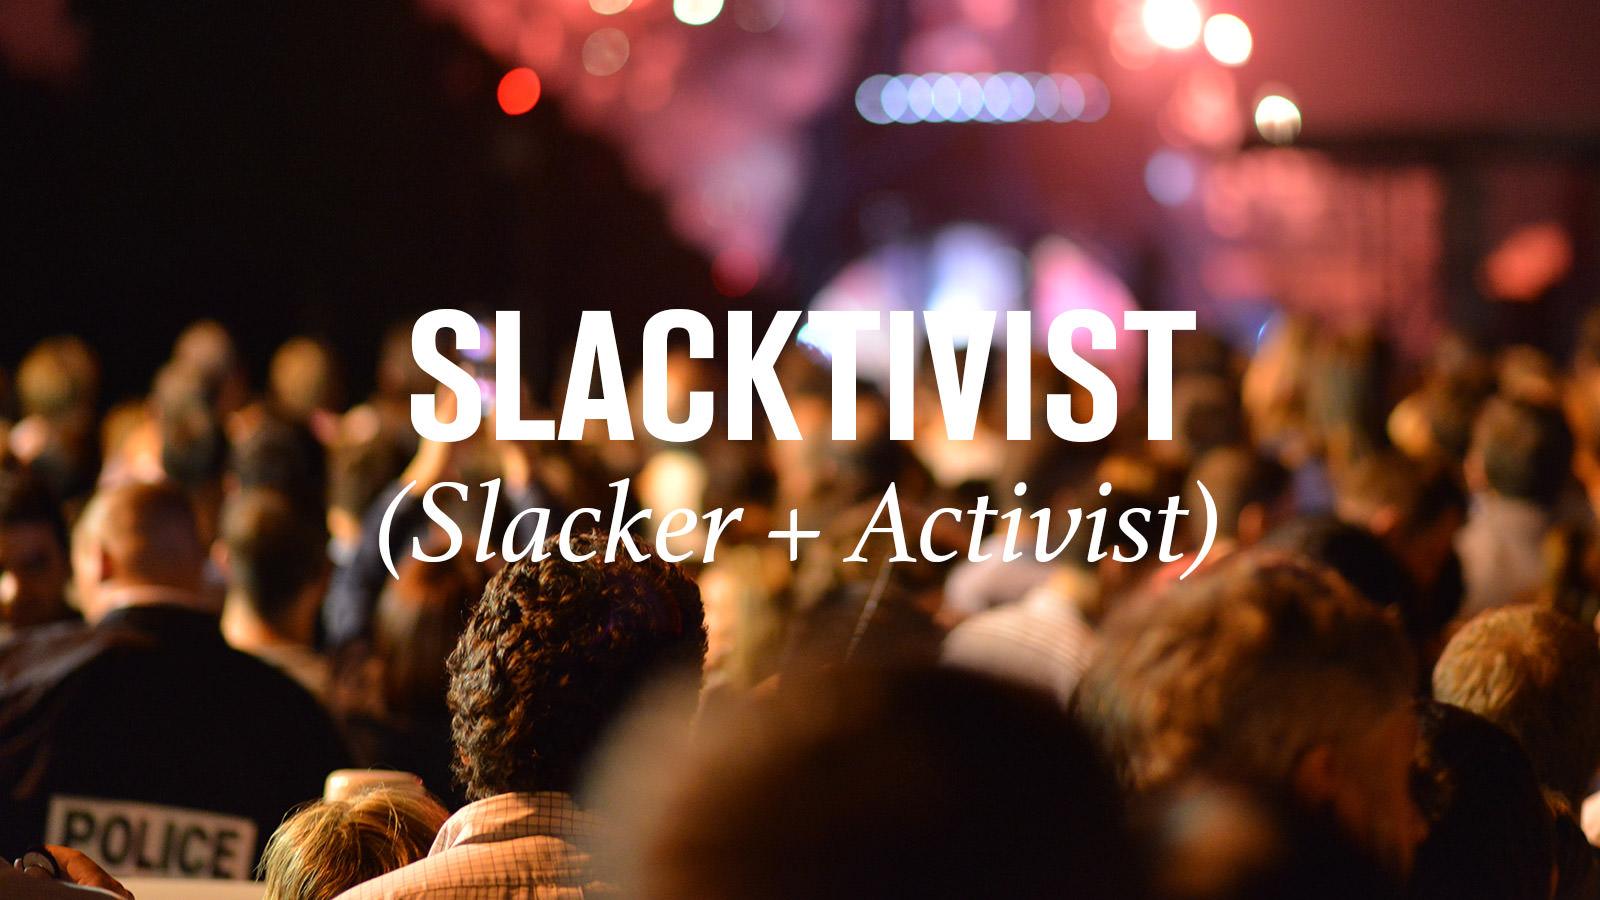 slacktivist